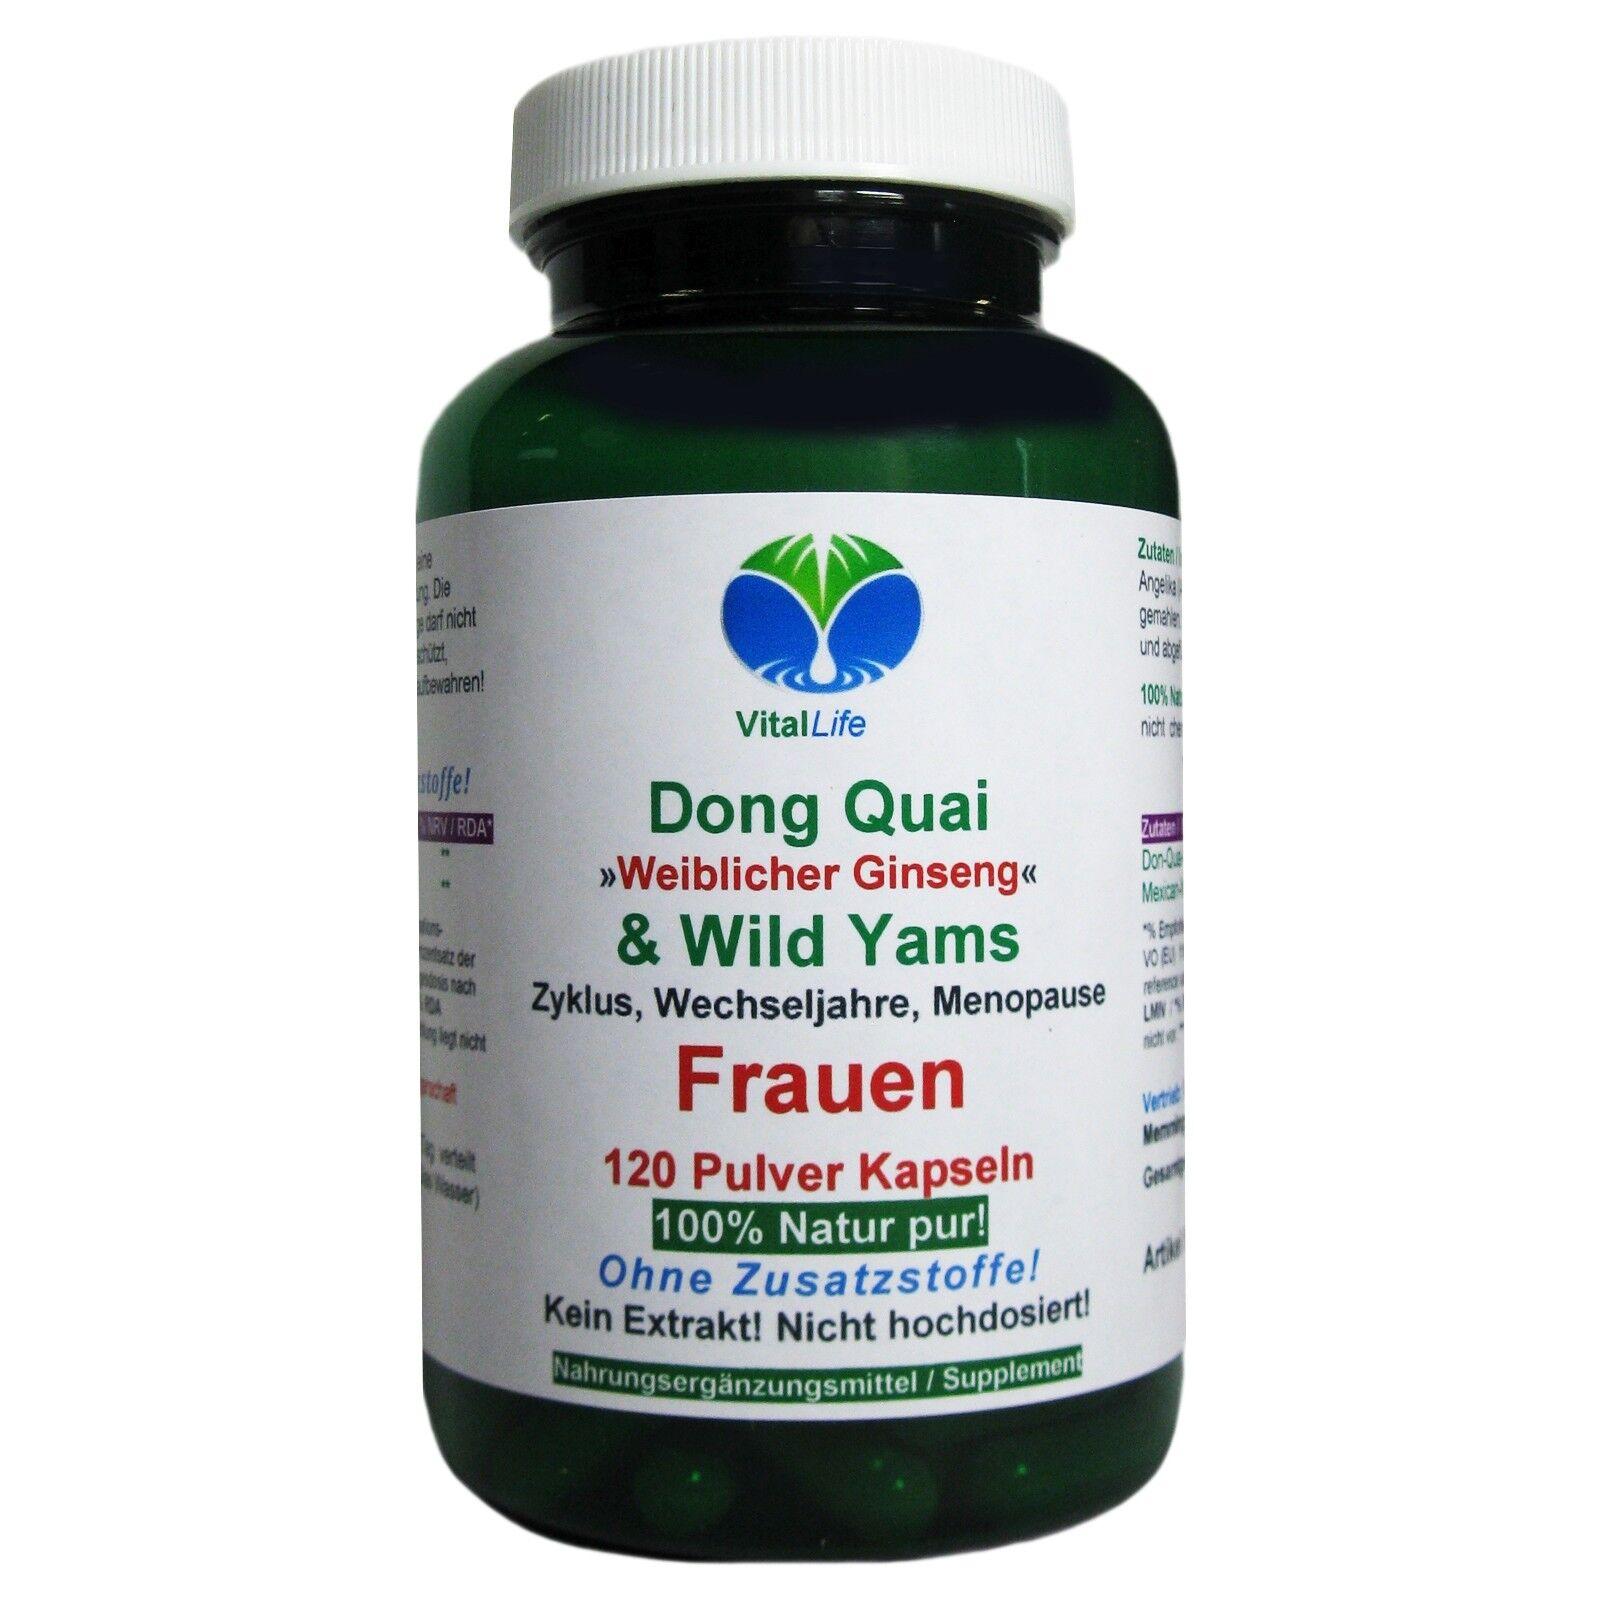 Dong Quai & Wild Yams 120 Pulver Kapseln Ohne Zusatzstoffe Natur Pur. 26406